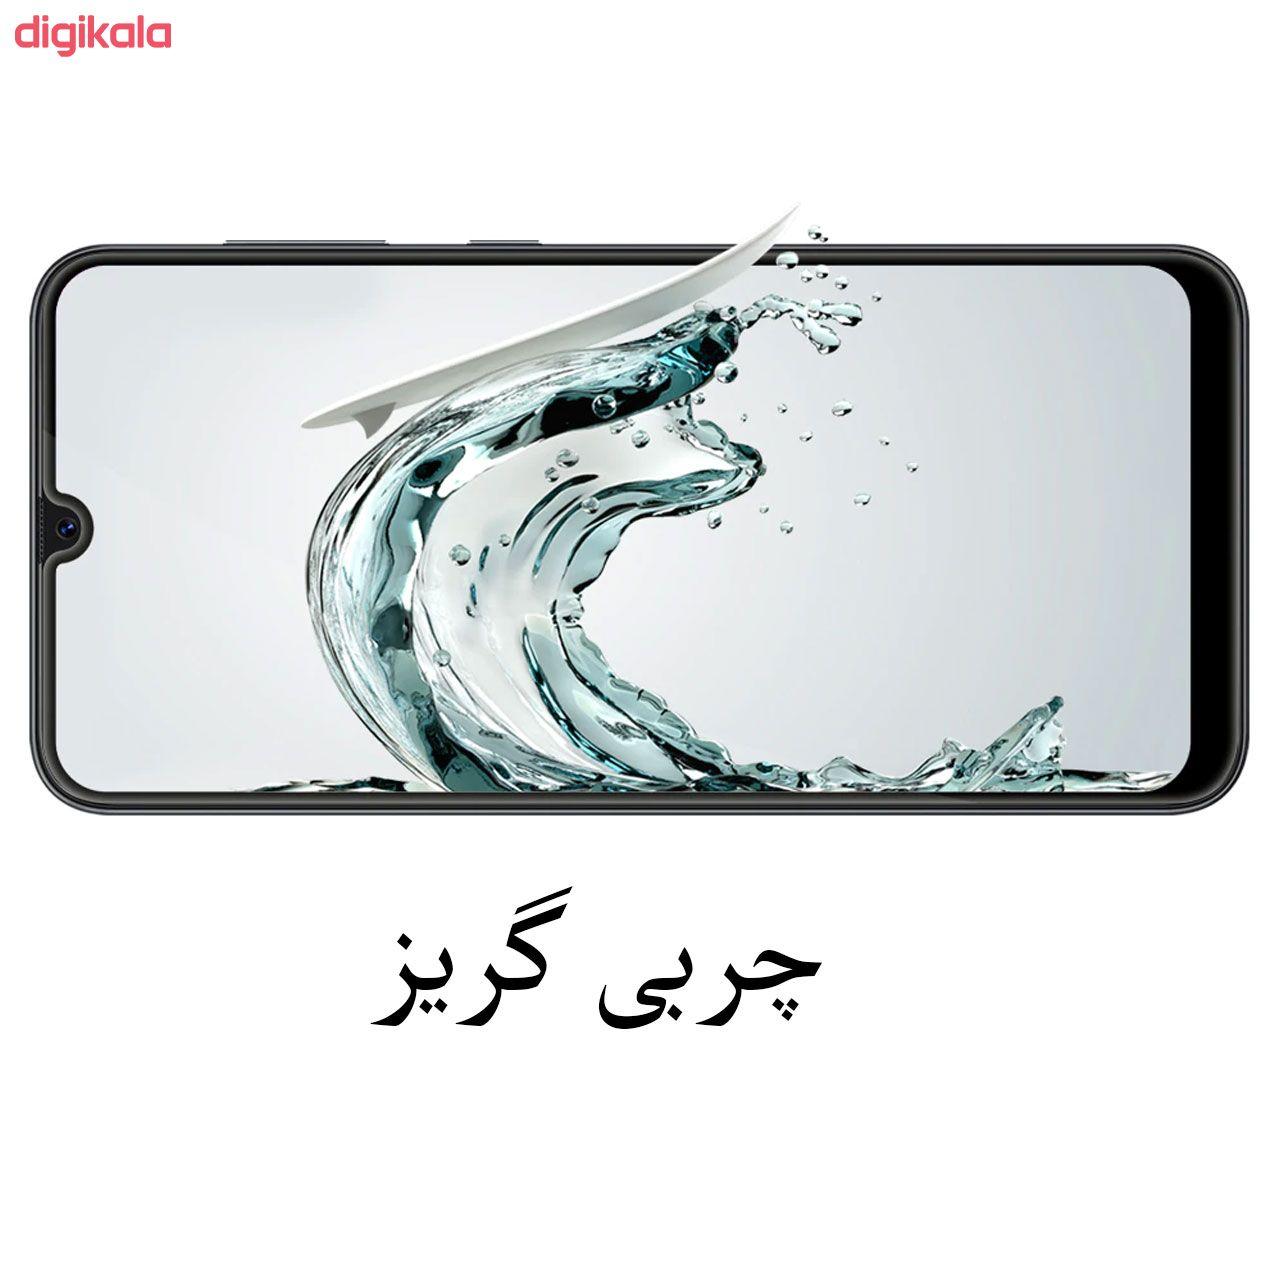 محافظ صفحه نمایش مدل FCG مناسب برای گوشی موبایل سامسونگ Galaxy A50 main 1 7